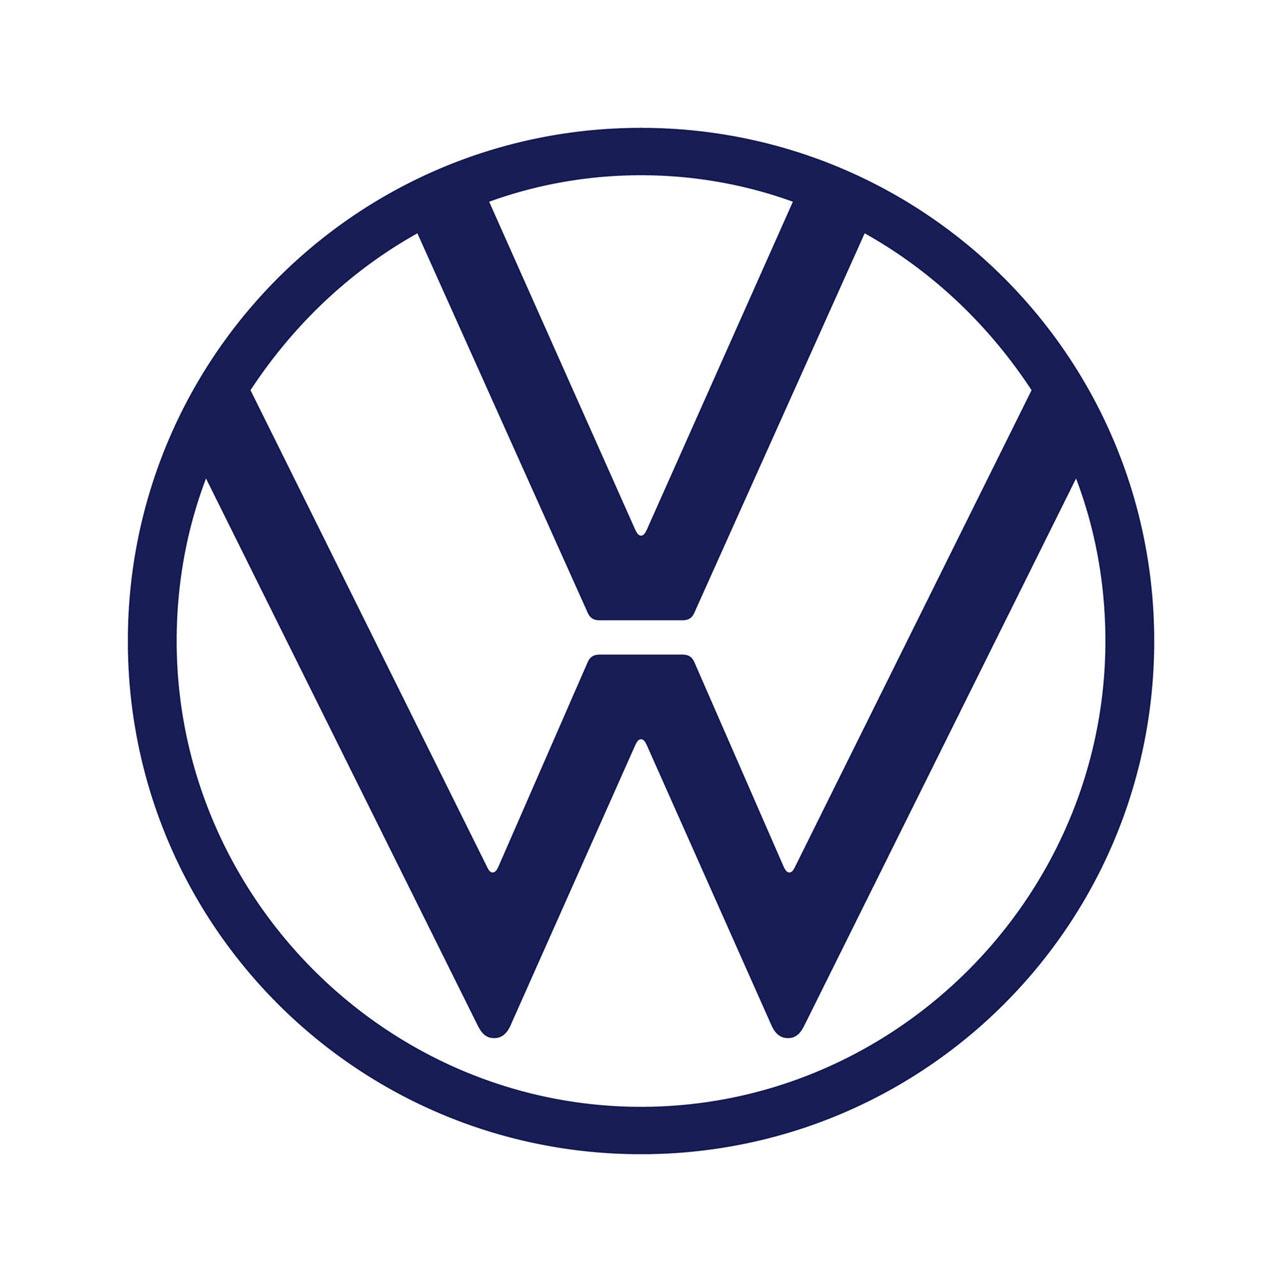 [참고사진] 폭스바겐, 2019 IAA서 새로운 브랜드 디자인 및 로고 최초 공개_20190910 (6)